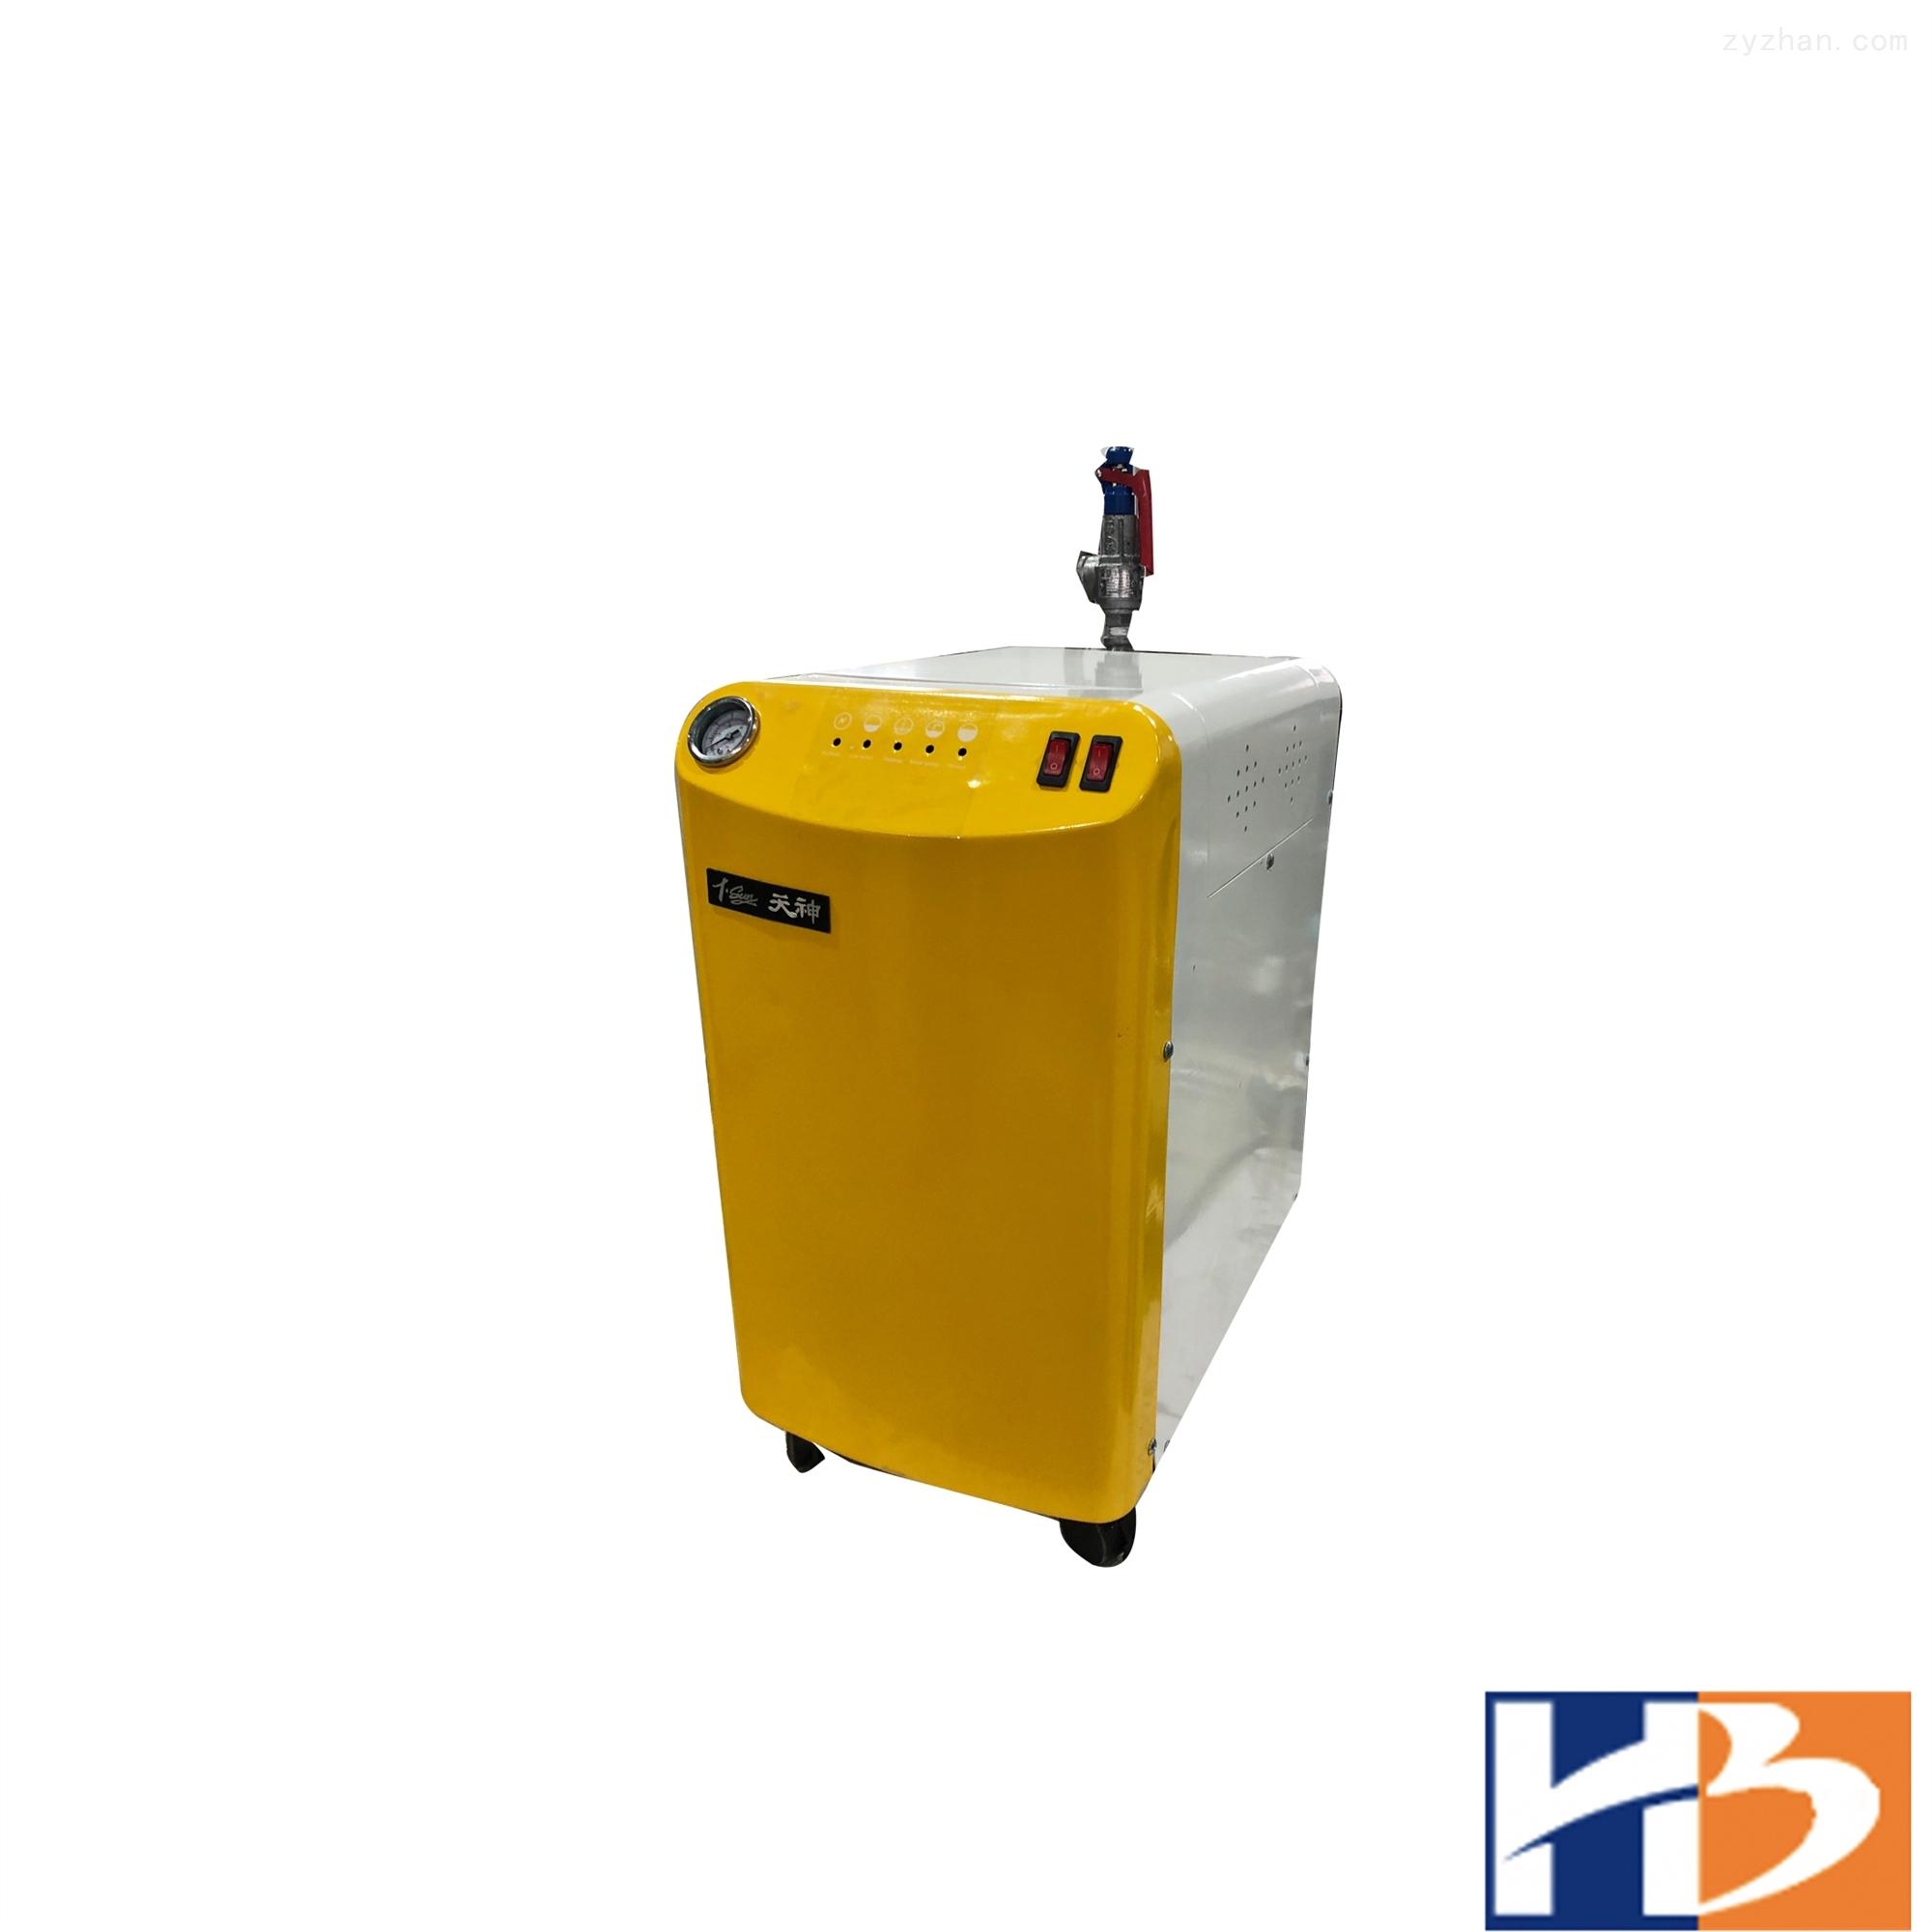 供应天神HX-3.5D-0.4锅炉,电锅炉,蒸汽发生器